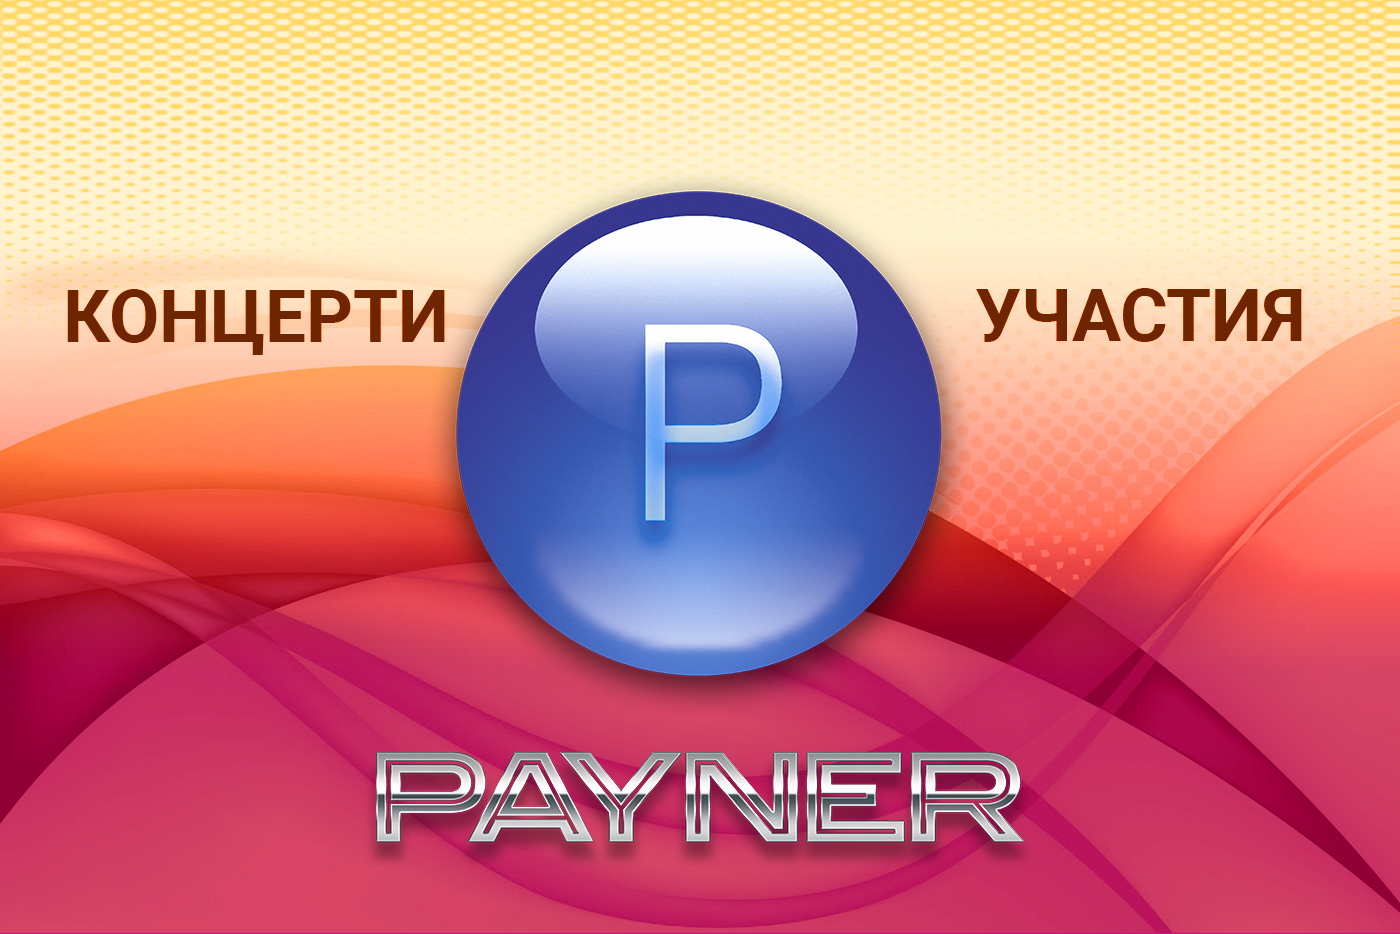 """Участия на звездите на """"Пайнер"""" на 20.10.2018"""